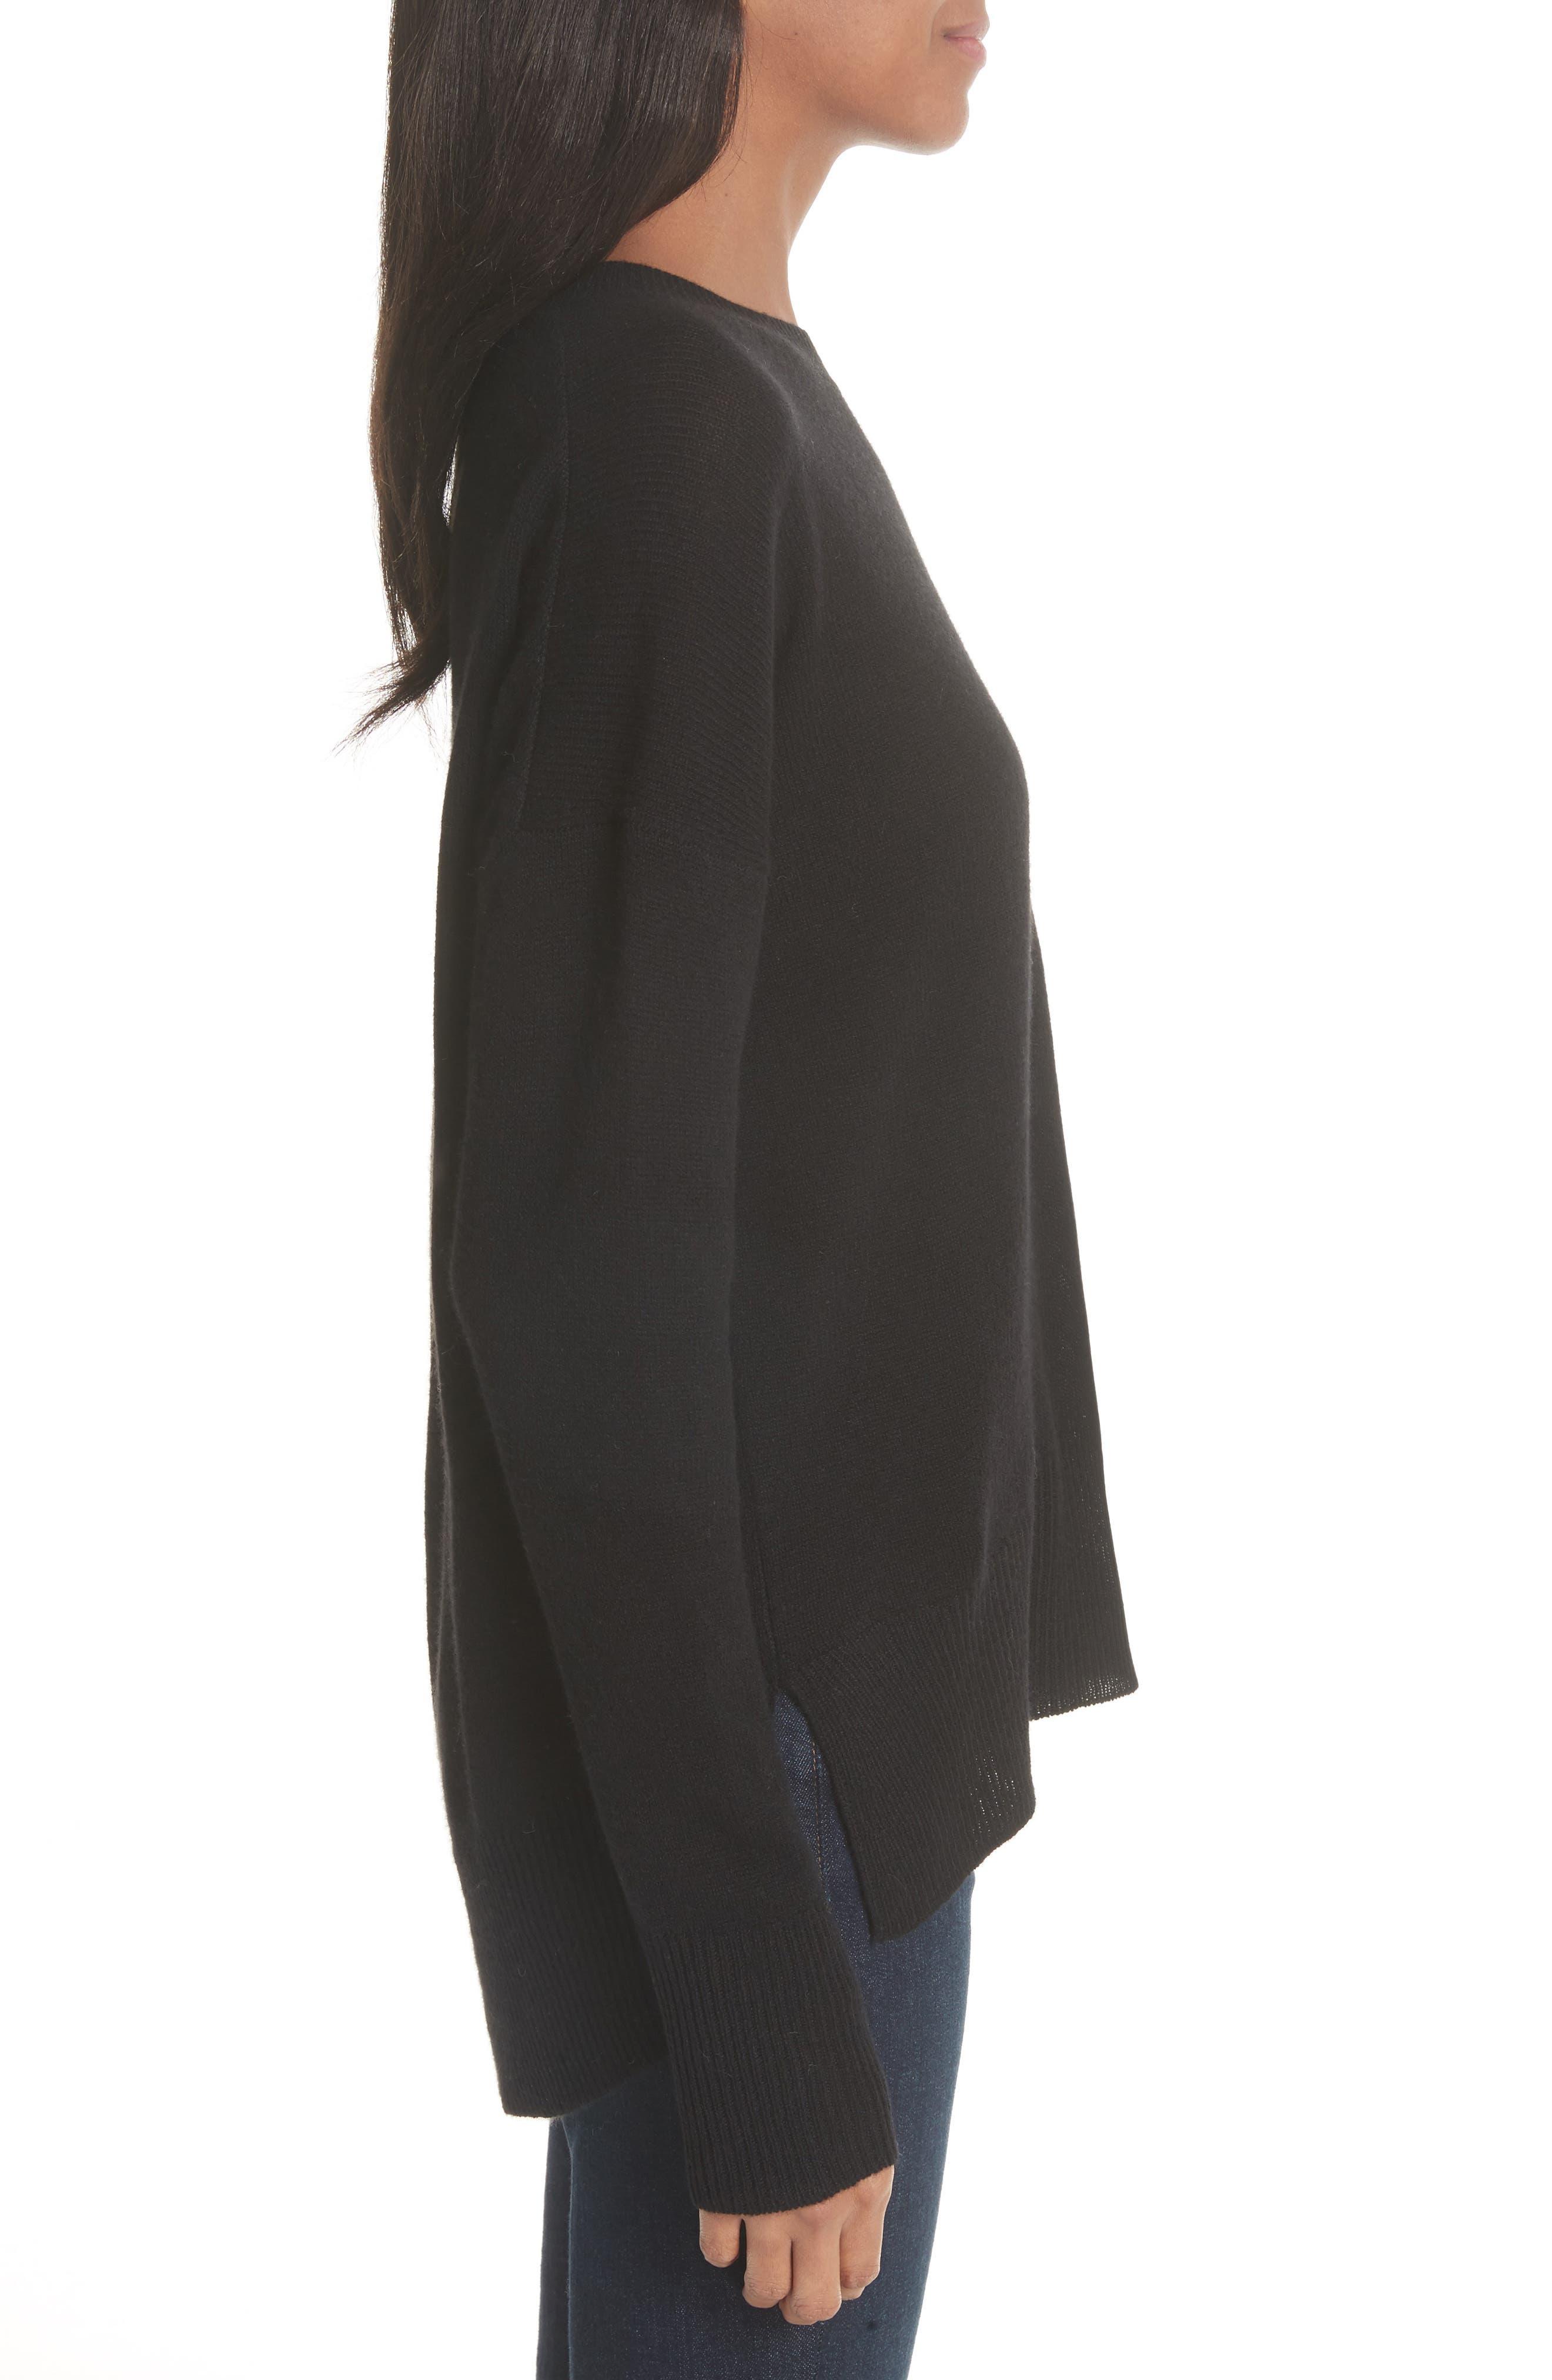 Karenia L Cashmere Sweater,                             Alternate thumbnail 3, color,                             Black